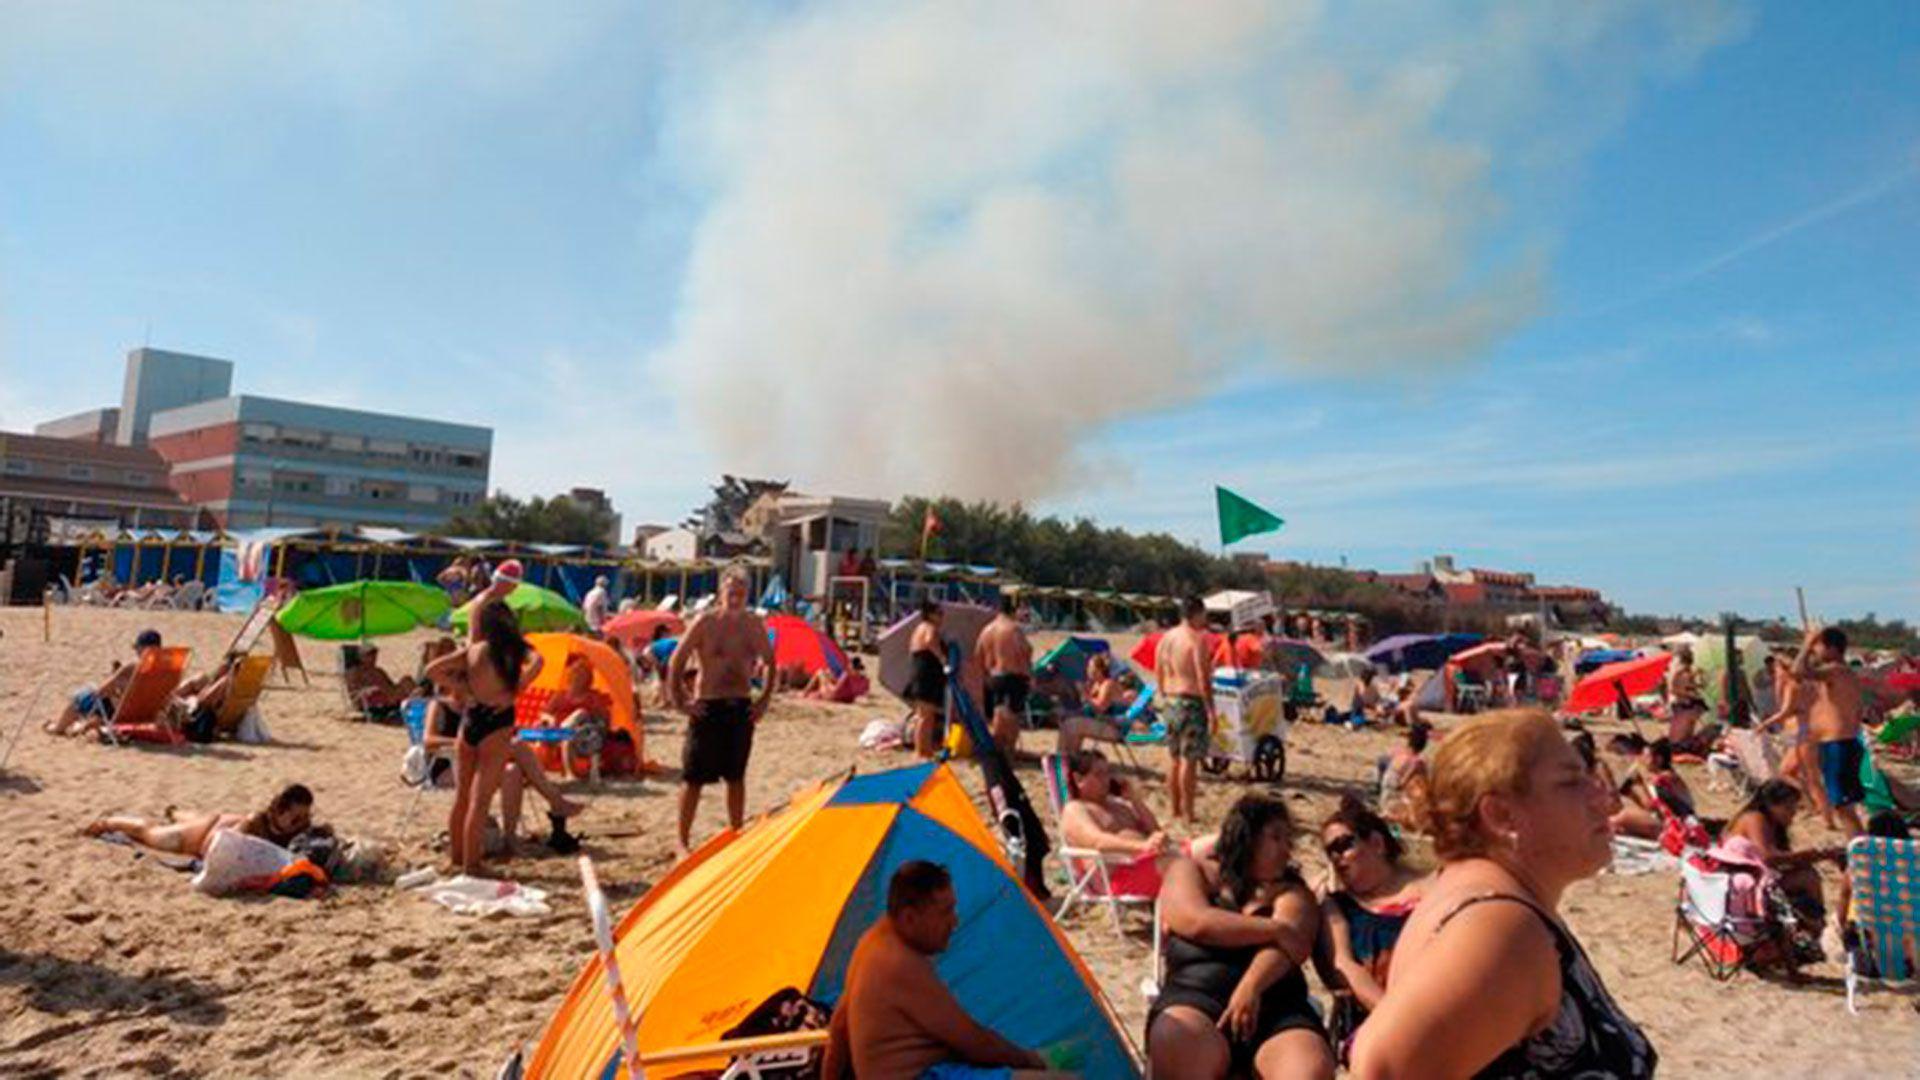 Así se ve el humo desde la playa (@enlamiraradio)